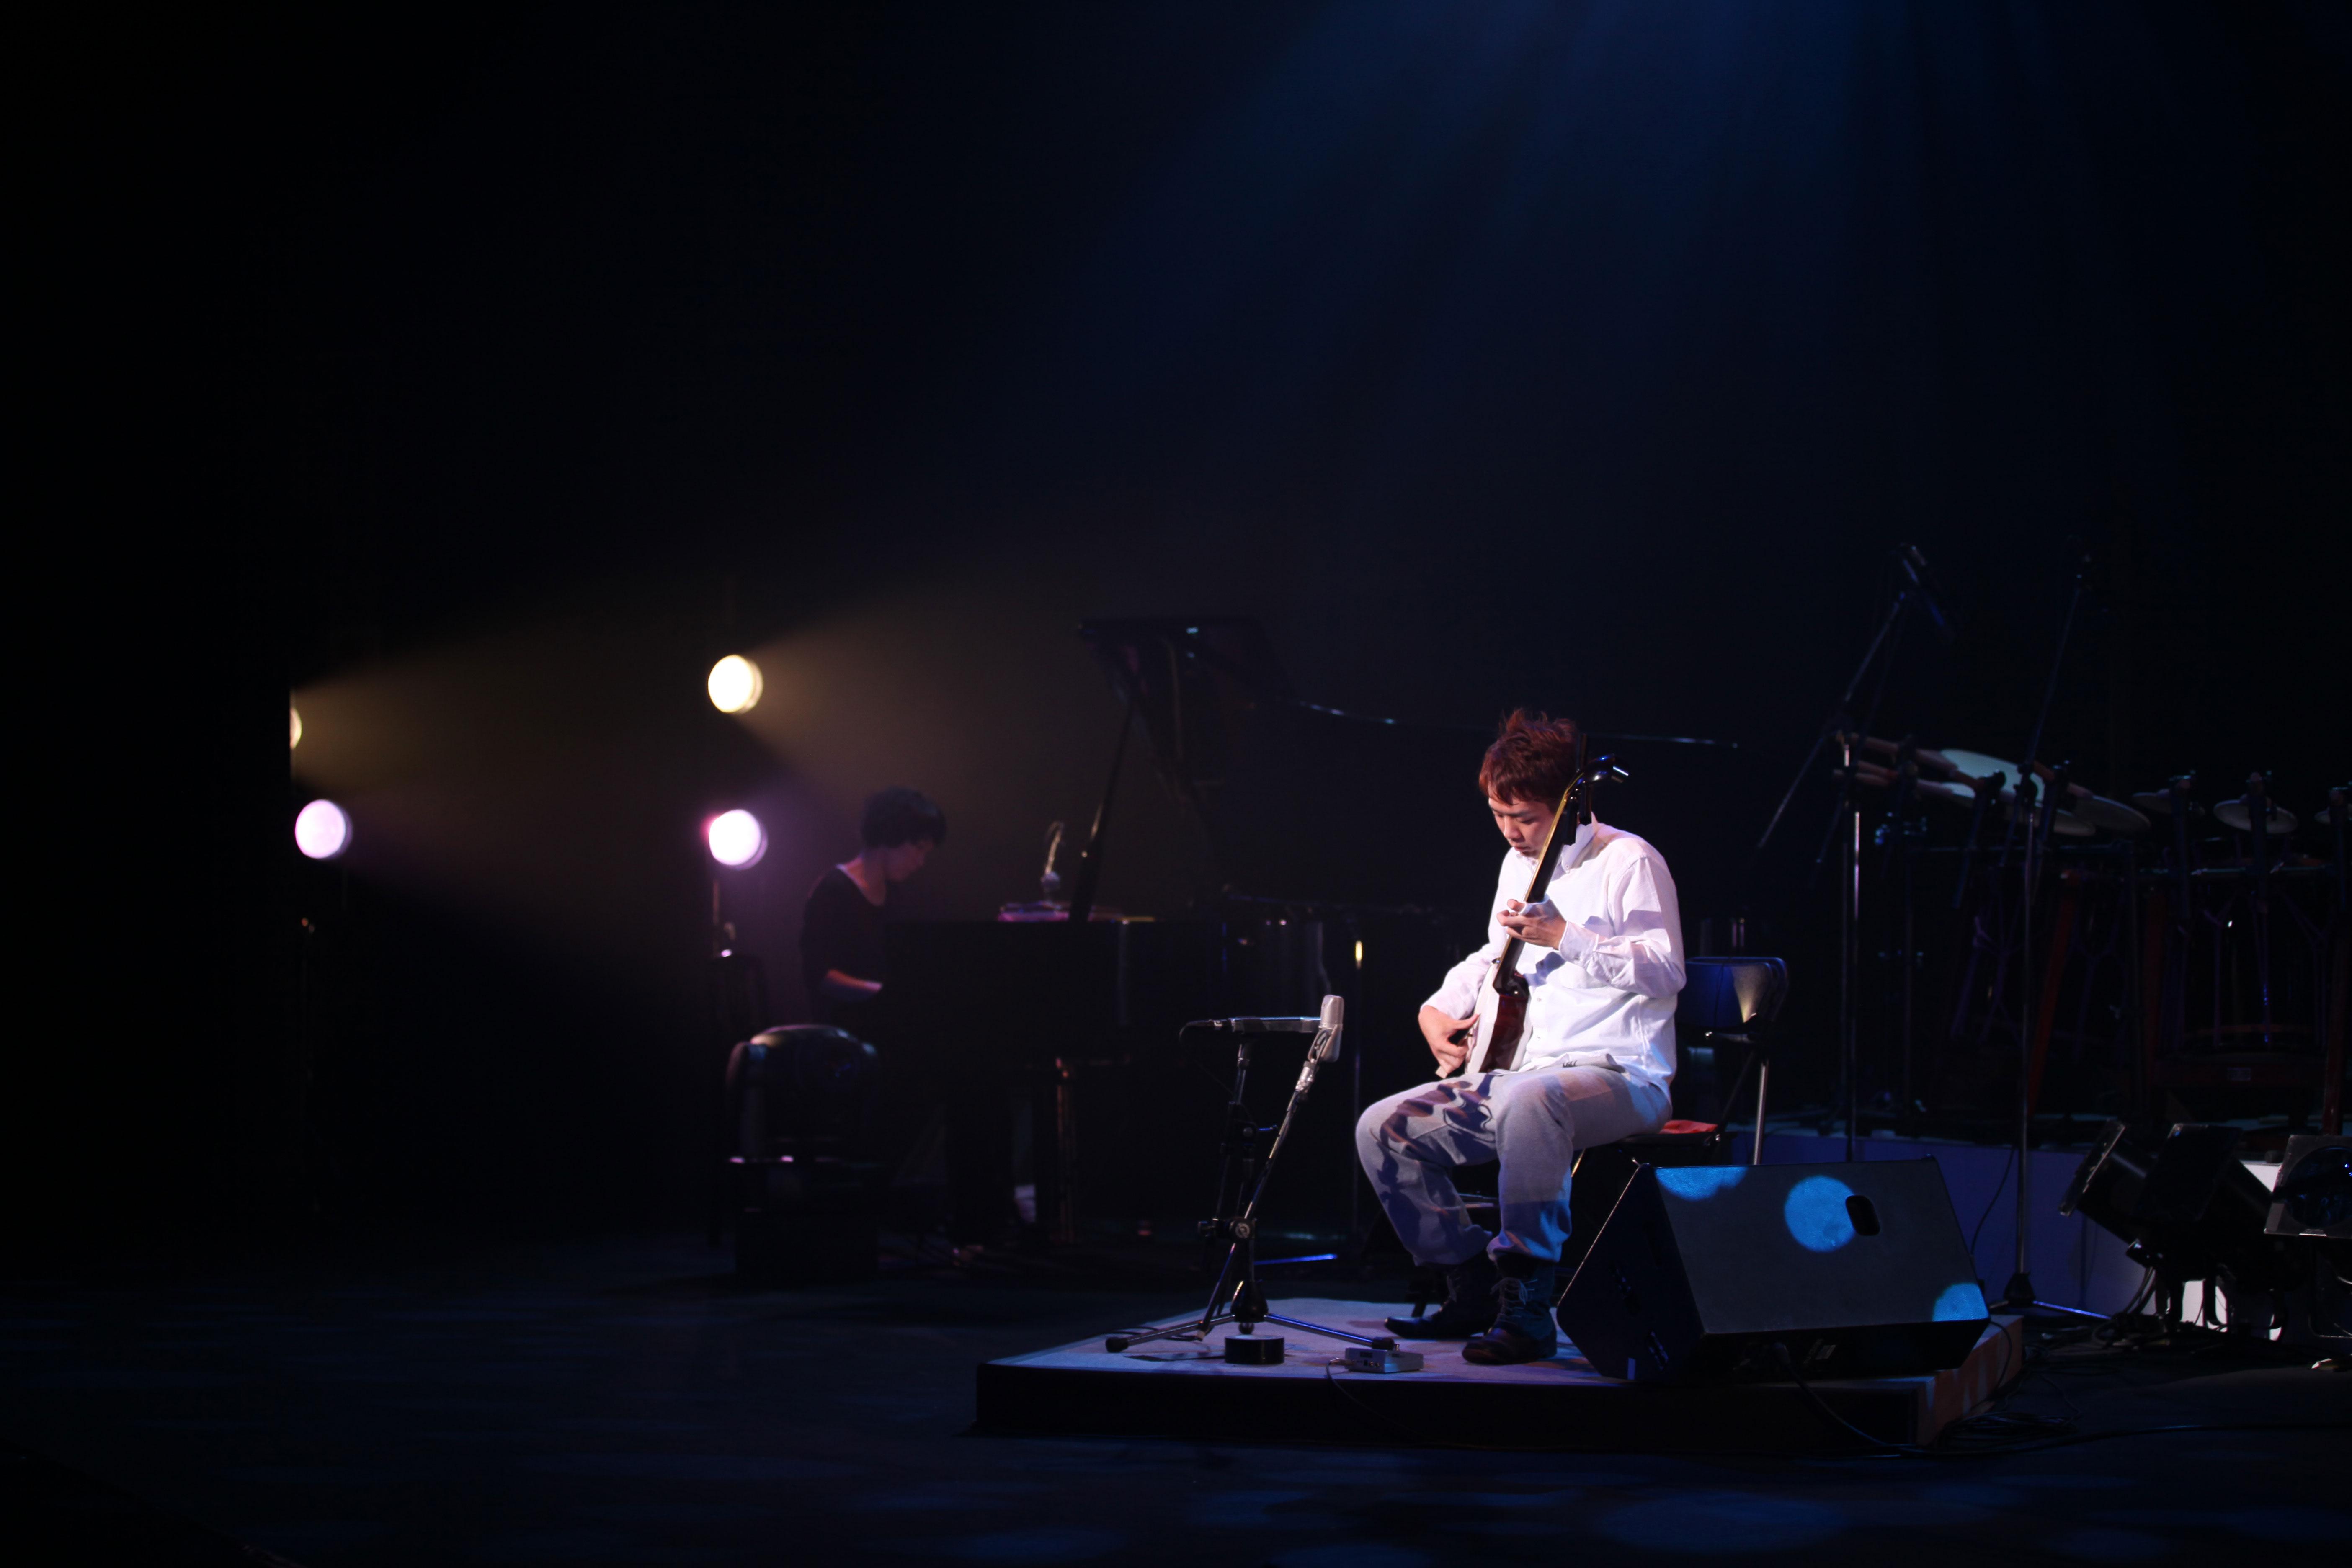 津軽三味線_永村幸治_2012_concert_5